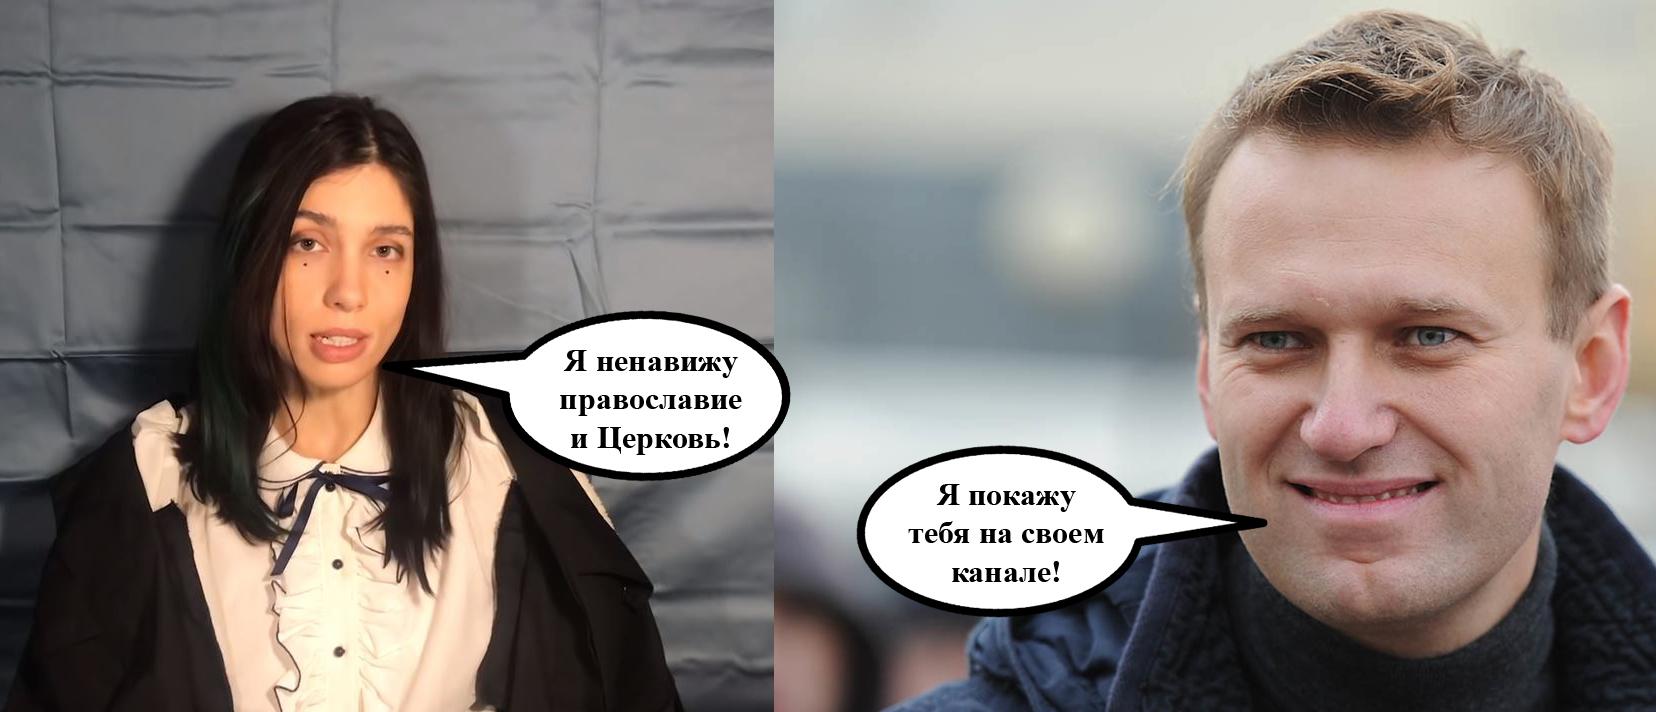 Надежда Толоконникова, Алексей Навальный